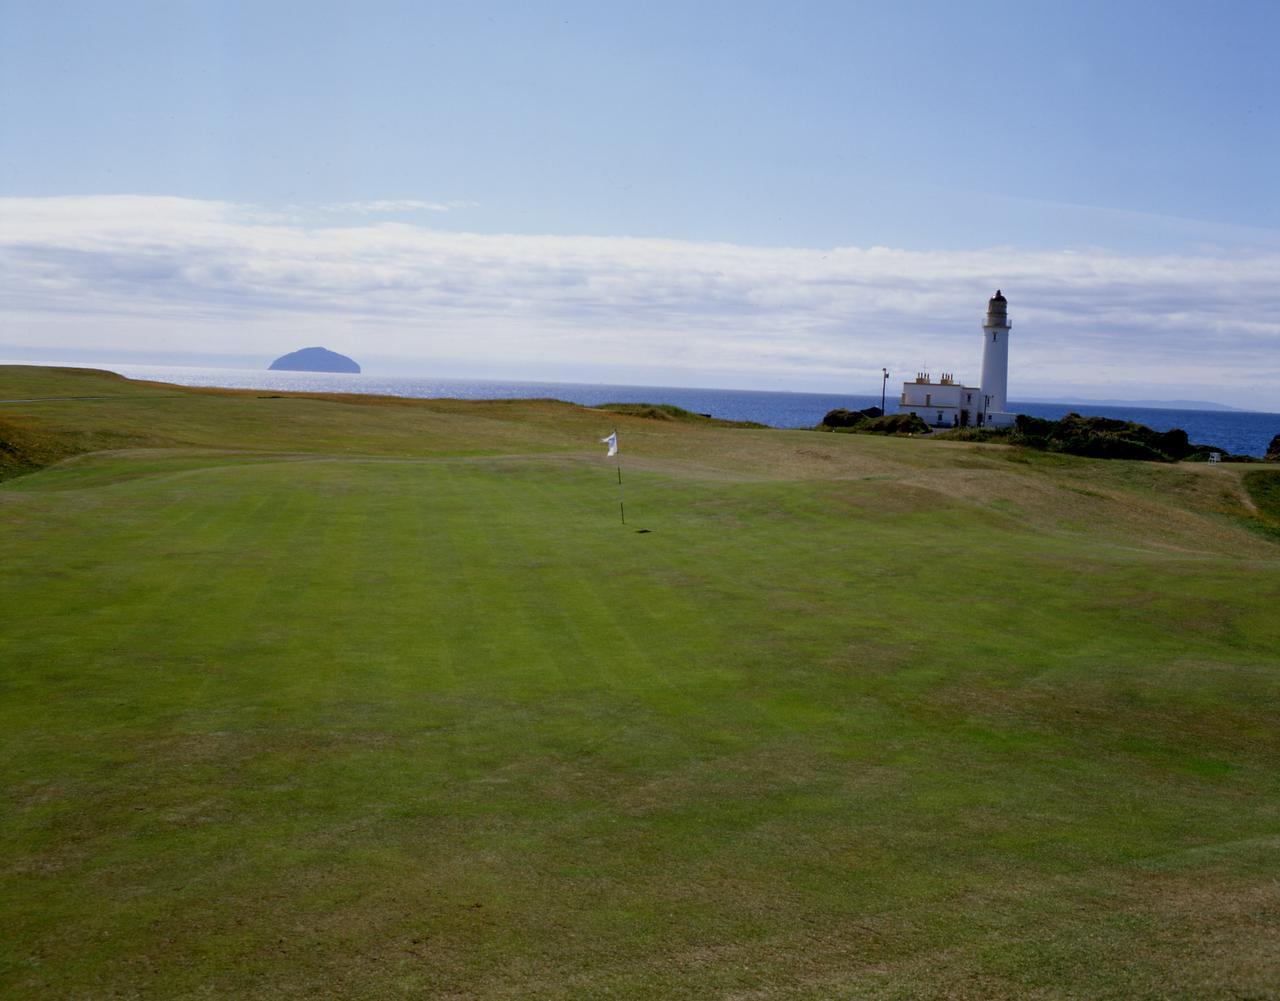 画像: 灯台が有名な全英オープン開催コースのひとつ、ターンベリー。トランプの人種差別発言を受けて開催ローテーションから外れたが……